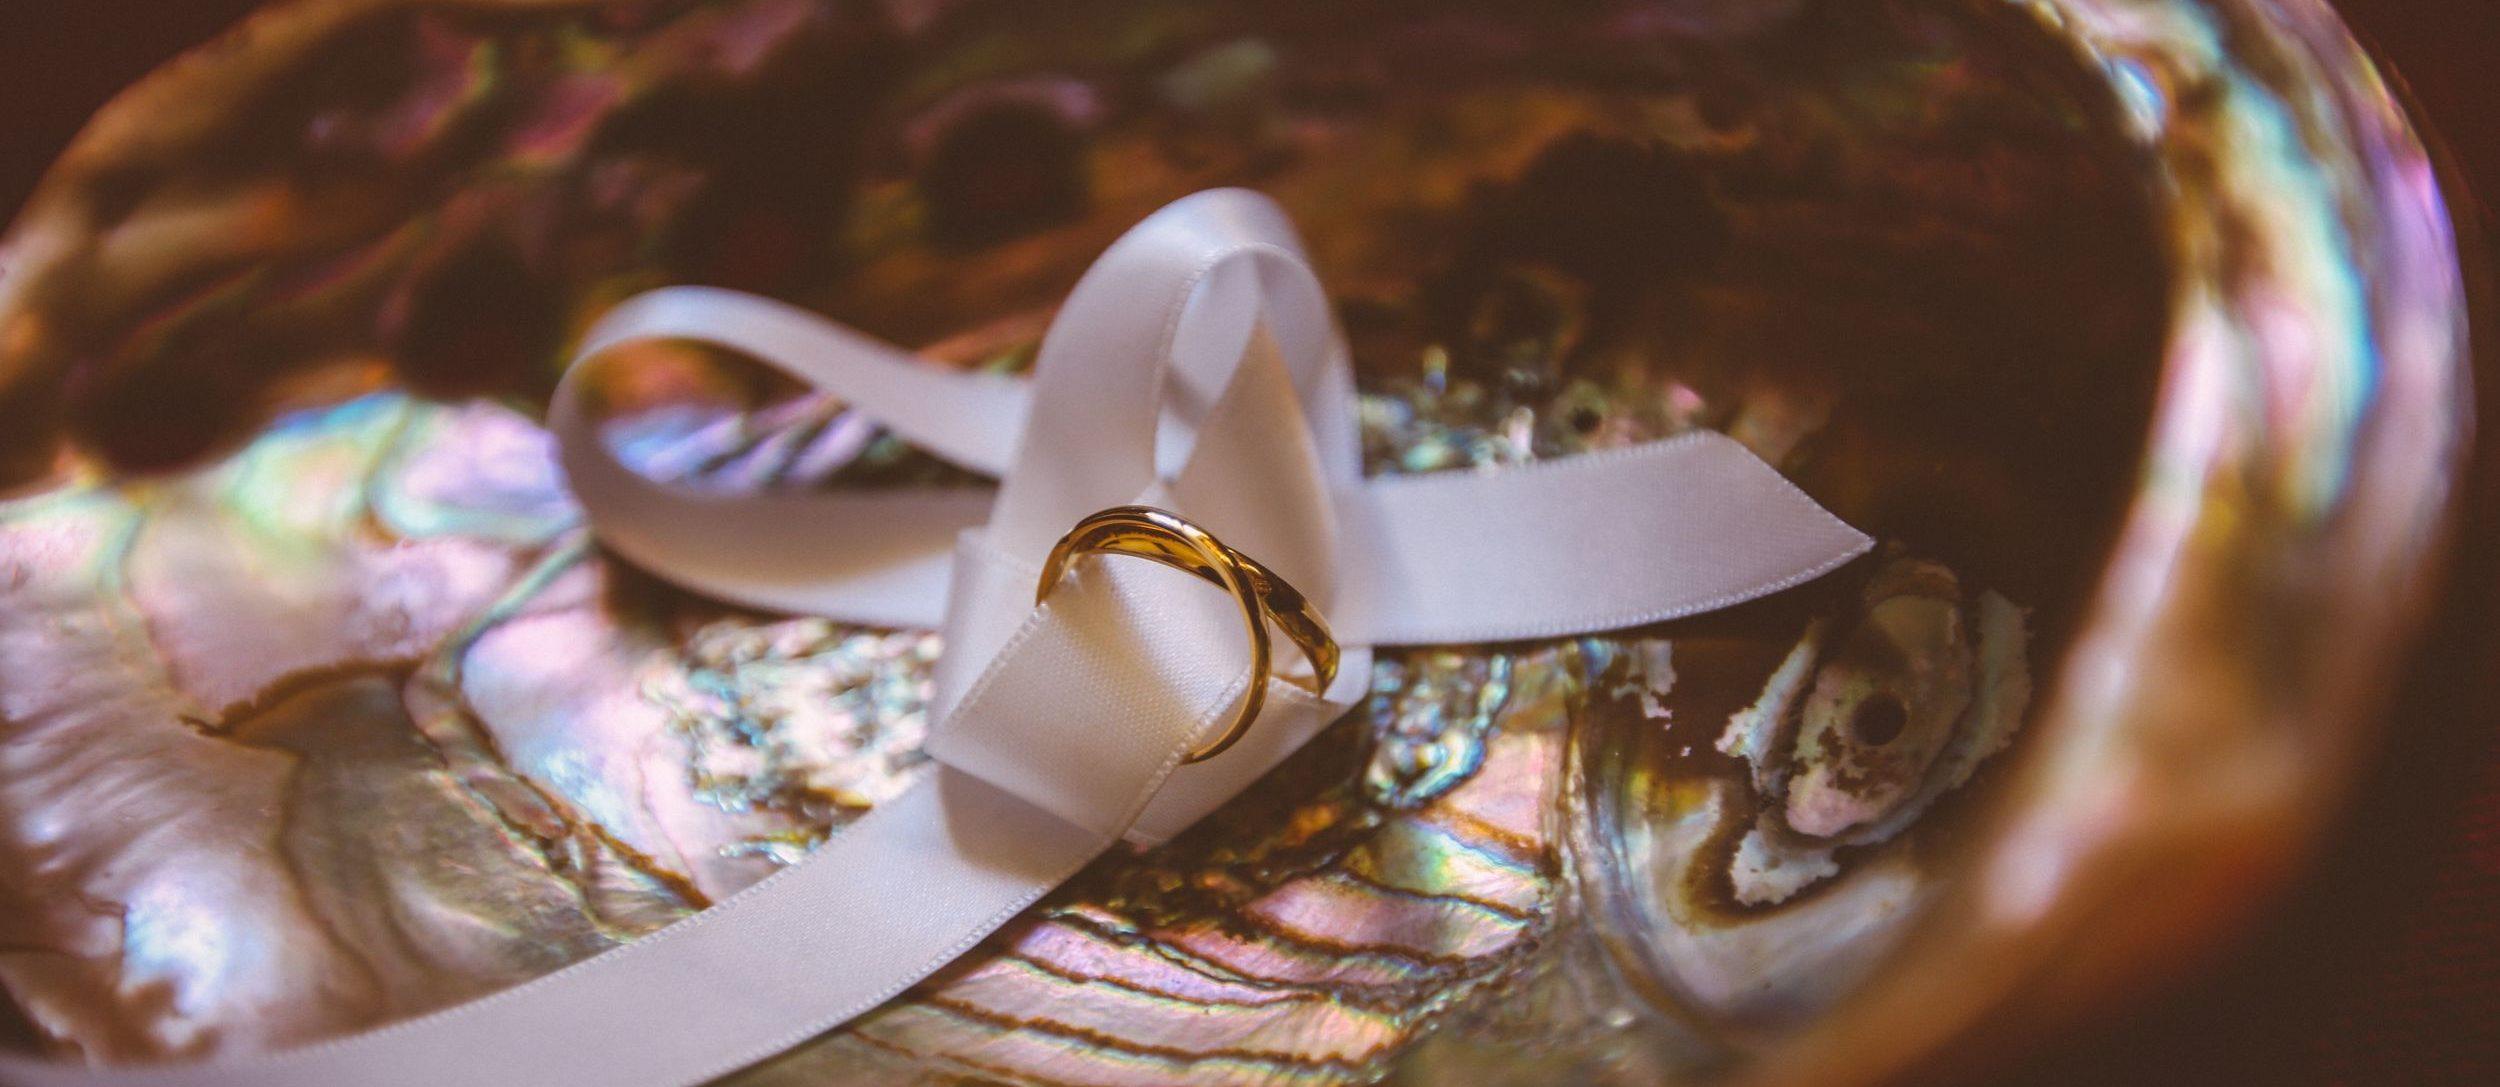 Photo-mariage-montpellier-alliance-préparatif-photographe-aline-ruze